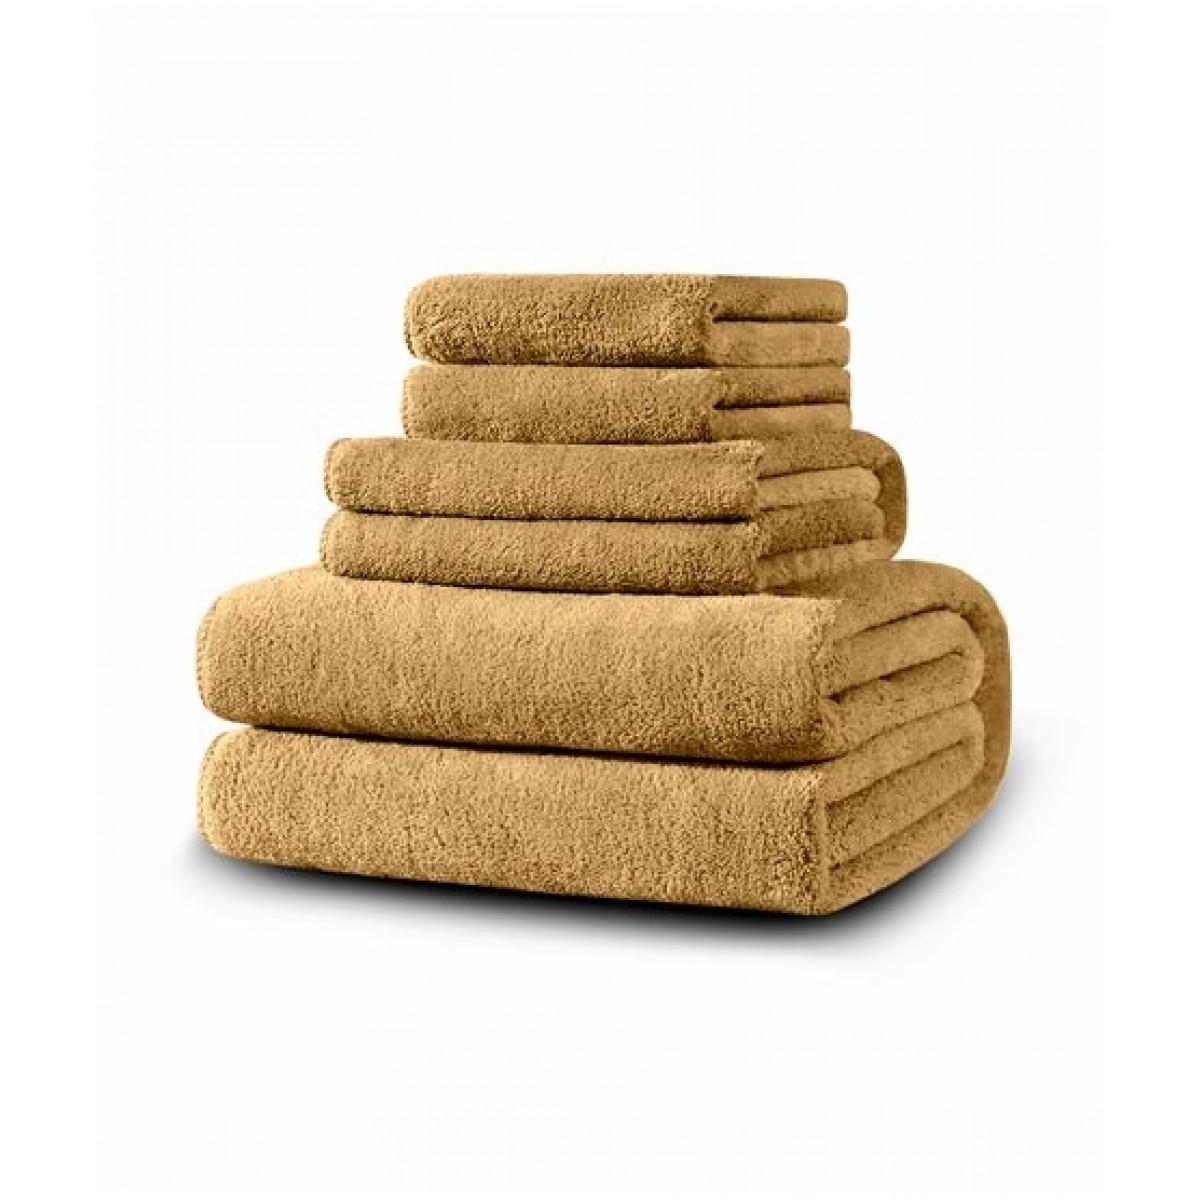 SoftSiesta Luxury Towel Beige Pack of 06